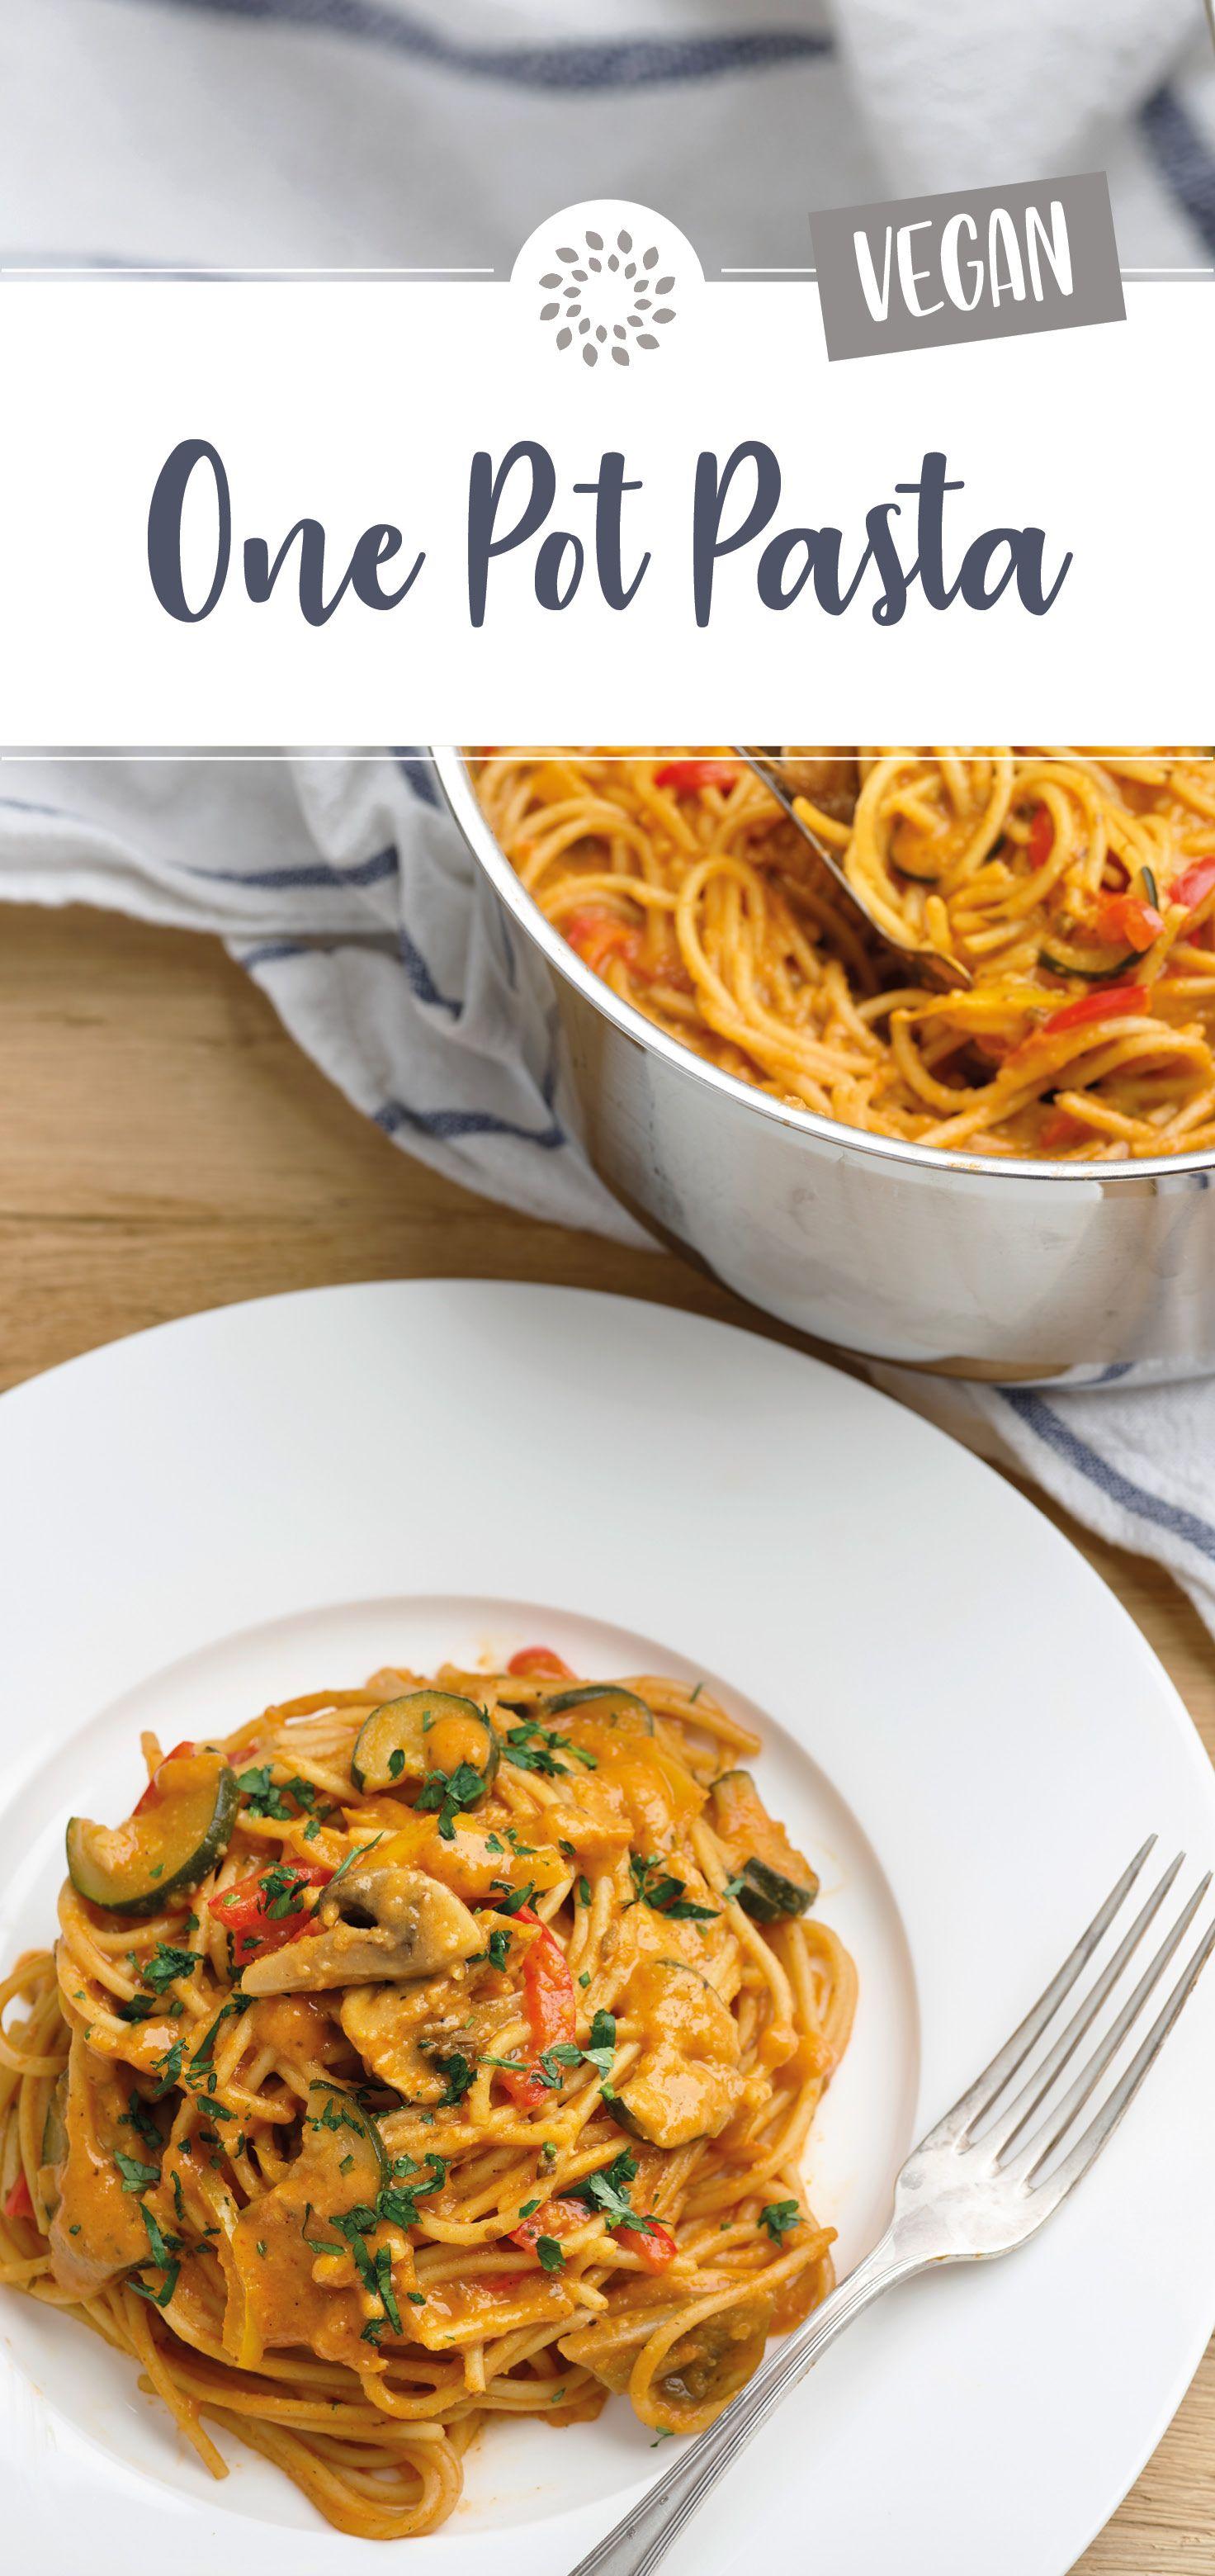 Der Name One Pot Pasta bezeichnet ein wahrlich köstliches Nudelgericht, das zusammen mit allen anderen Zutaten in nur 10 Minuten in einem Topf zubereitet wird. #easyonepotmeals